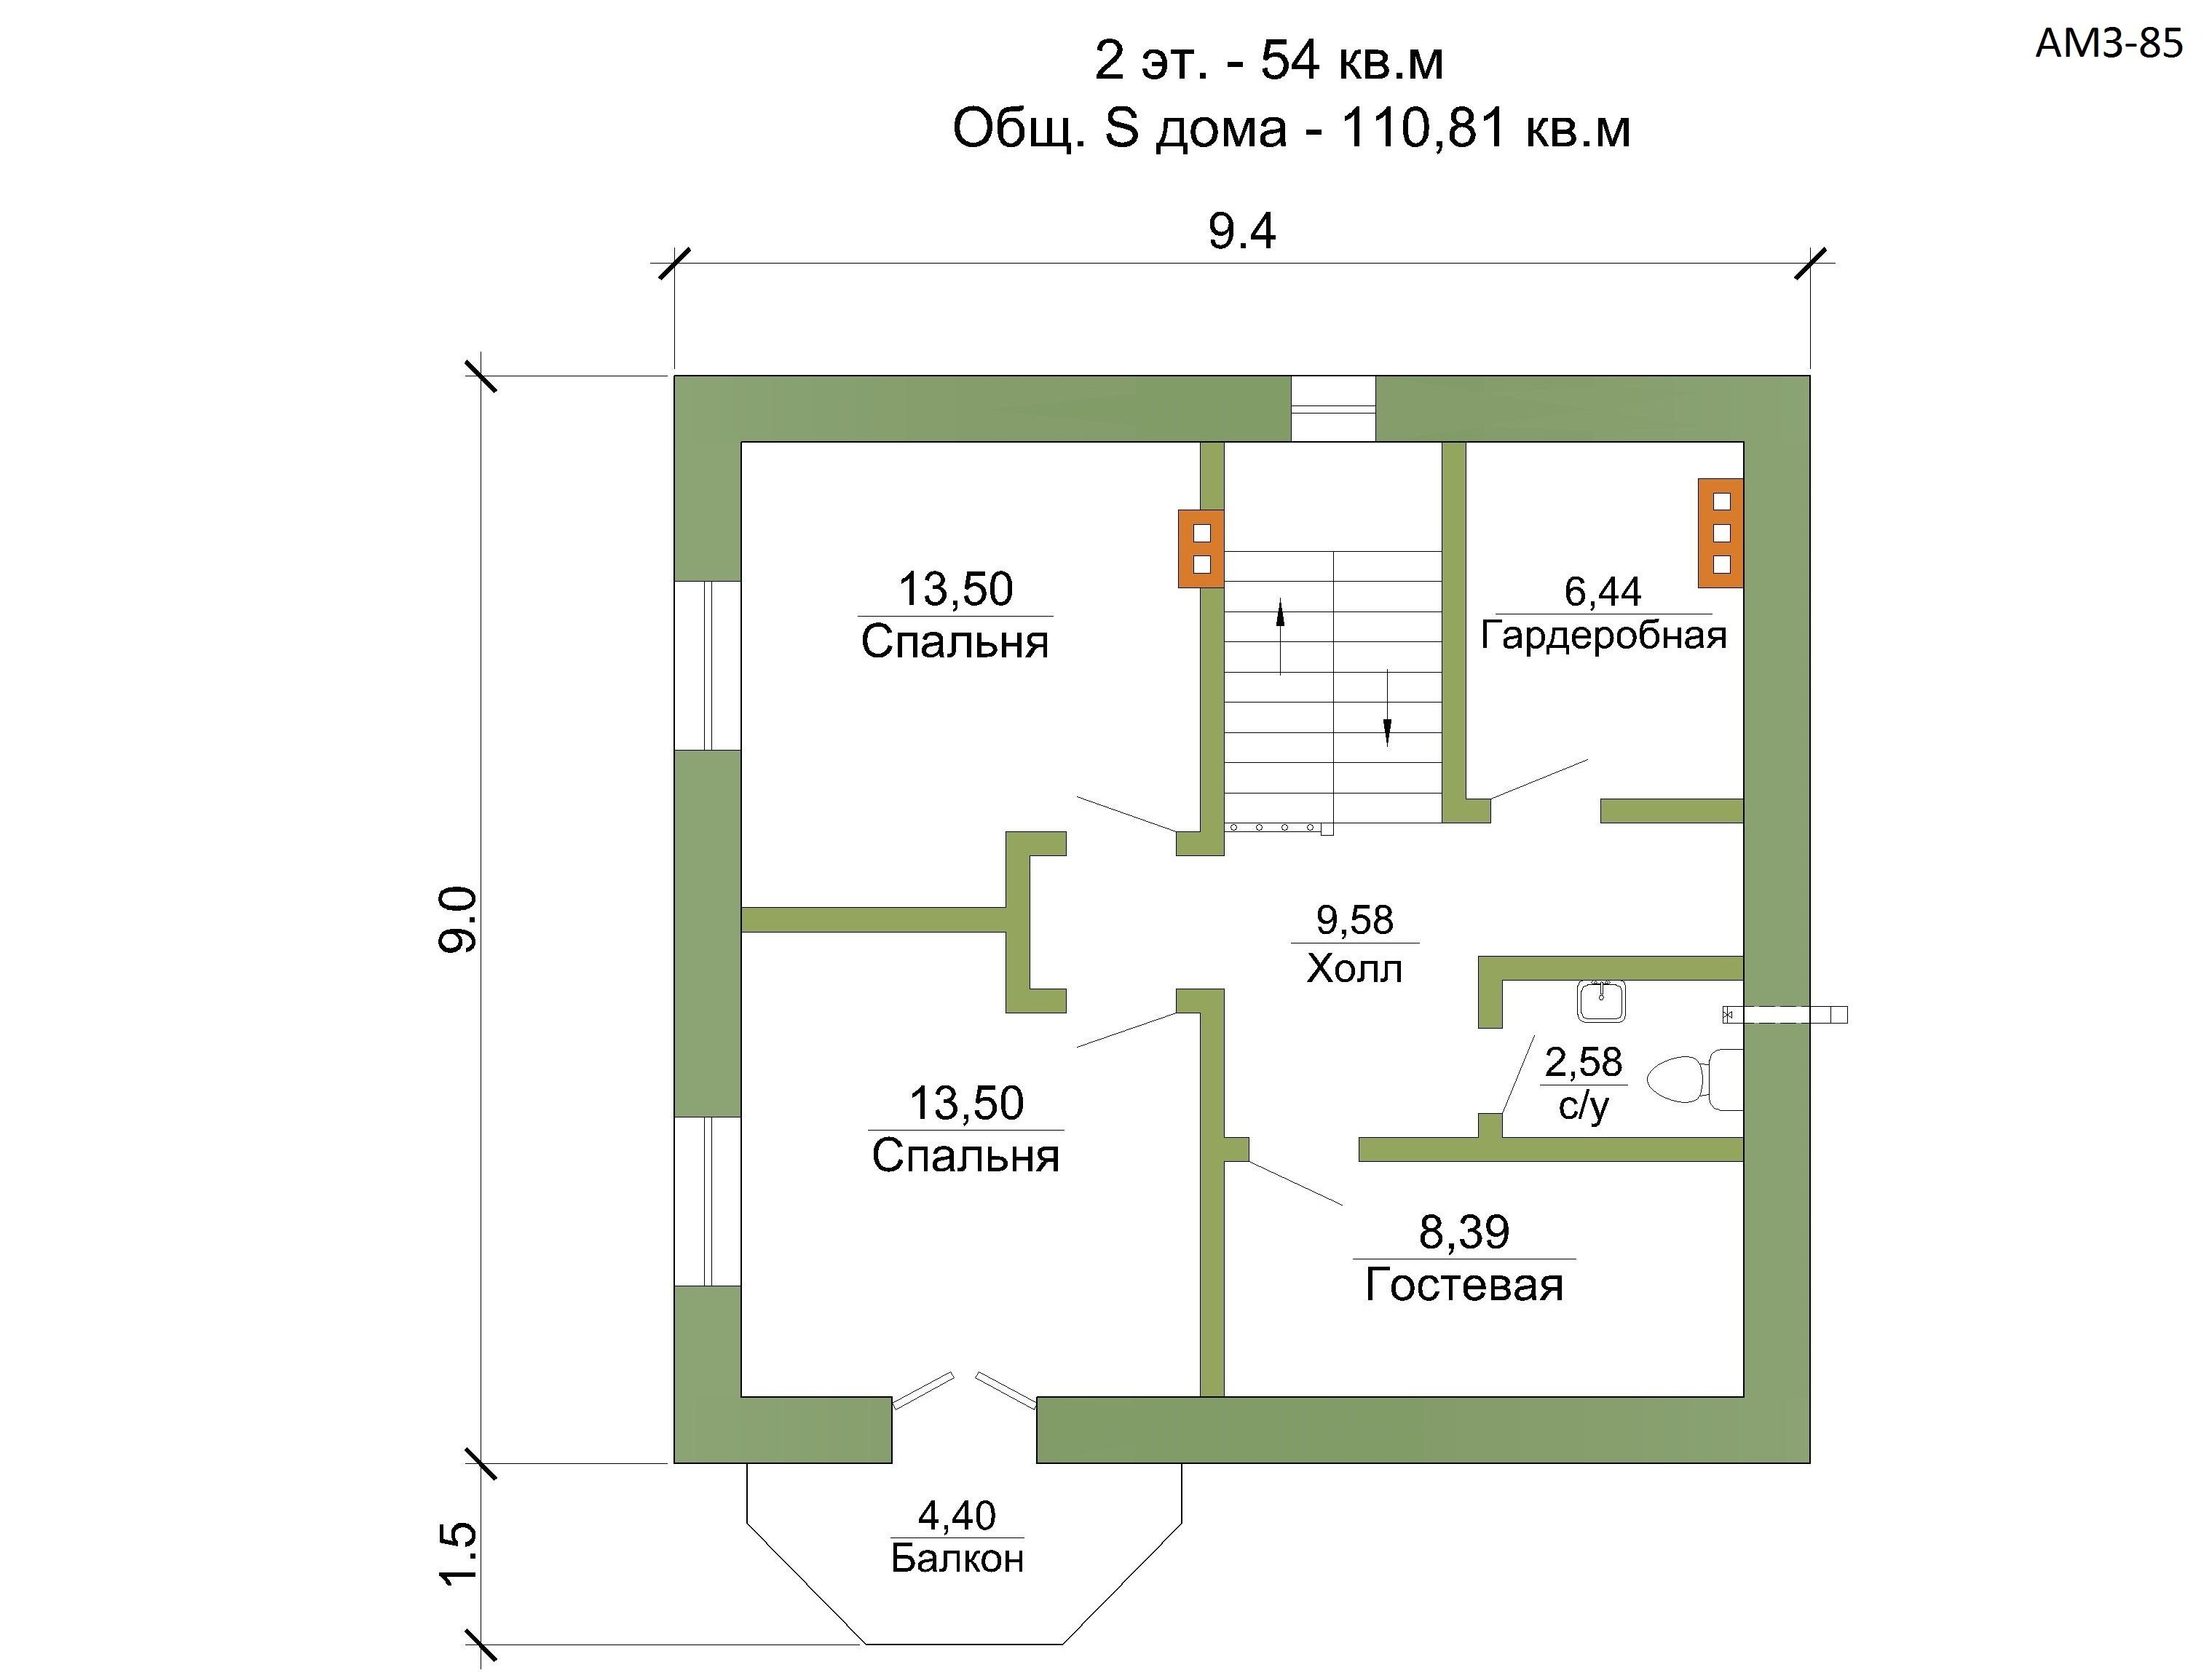 Готовый проект коттеджа 110 кв. м / Артикул amZ-85 план